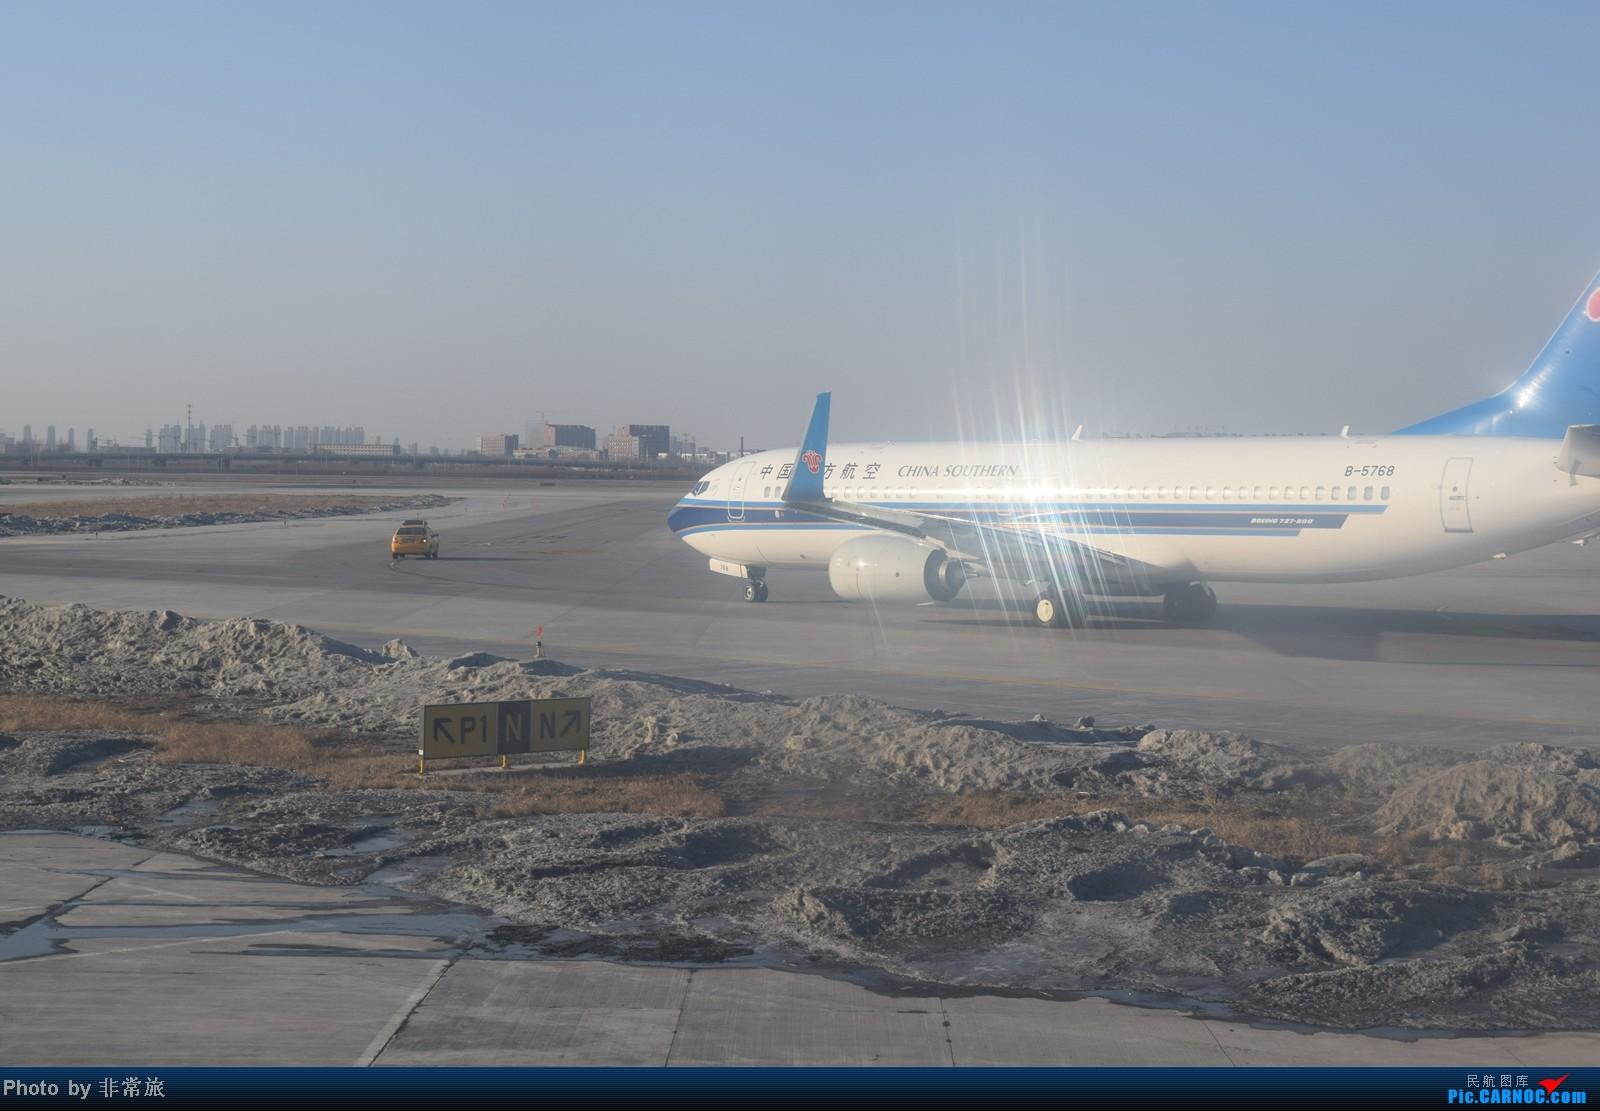 Re:[原创]大年三十除夕夜,三万英尺云霄间。 AIRBUS A320-200 B-6758 中国沈阳桃仙机场